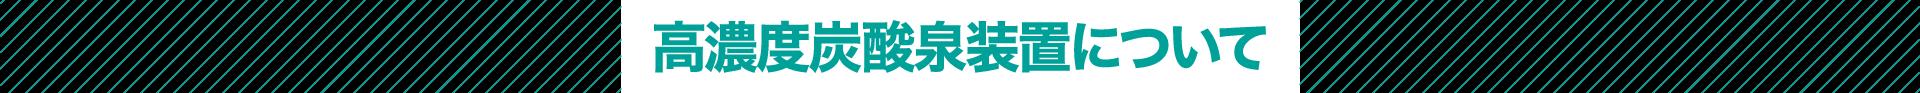 マイクロバブルについて